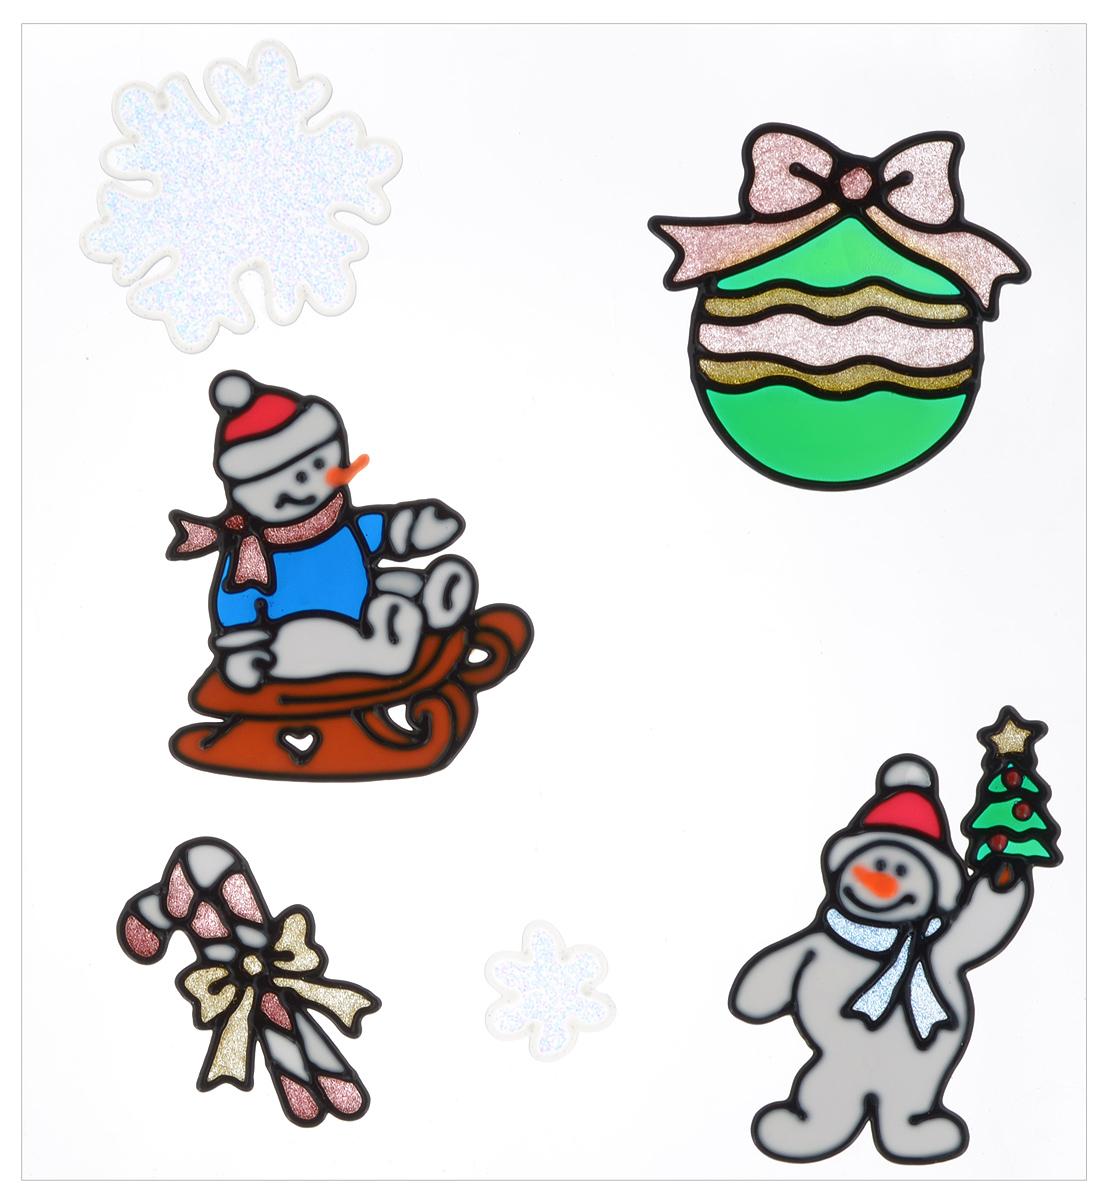 Украшние новогоднее оконное Winter Wings Снеговики, 6 штN09321Новогоднее оконное украшение Winter Wings Снеговики поможет украсить дом к предстоящим праздникам. Наклейки изготовлены из ПВХ.С помощью этих украшений вы сможете оживить интерьер по своему вкусу, наклеить их на окно, на зеркало или на дверь.Новогодние украшения всегда несут в себе волшебство и красоту праздника. Создайте в своем доме атмосферу тепла, веселья и радости, украшая его всей семьей. Размер листа: 31 х 30 см. Количество наклеек на листе: 6 шт. Размер самой большой наклейки: 11,5 х 10,5 см. Размер самой маленькой наклейки: 4 х 4 см.